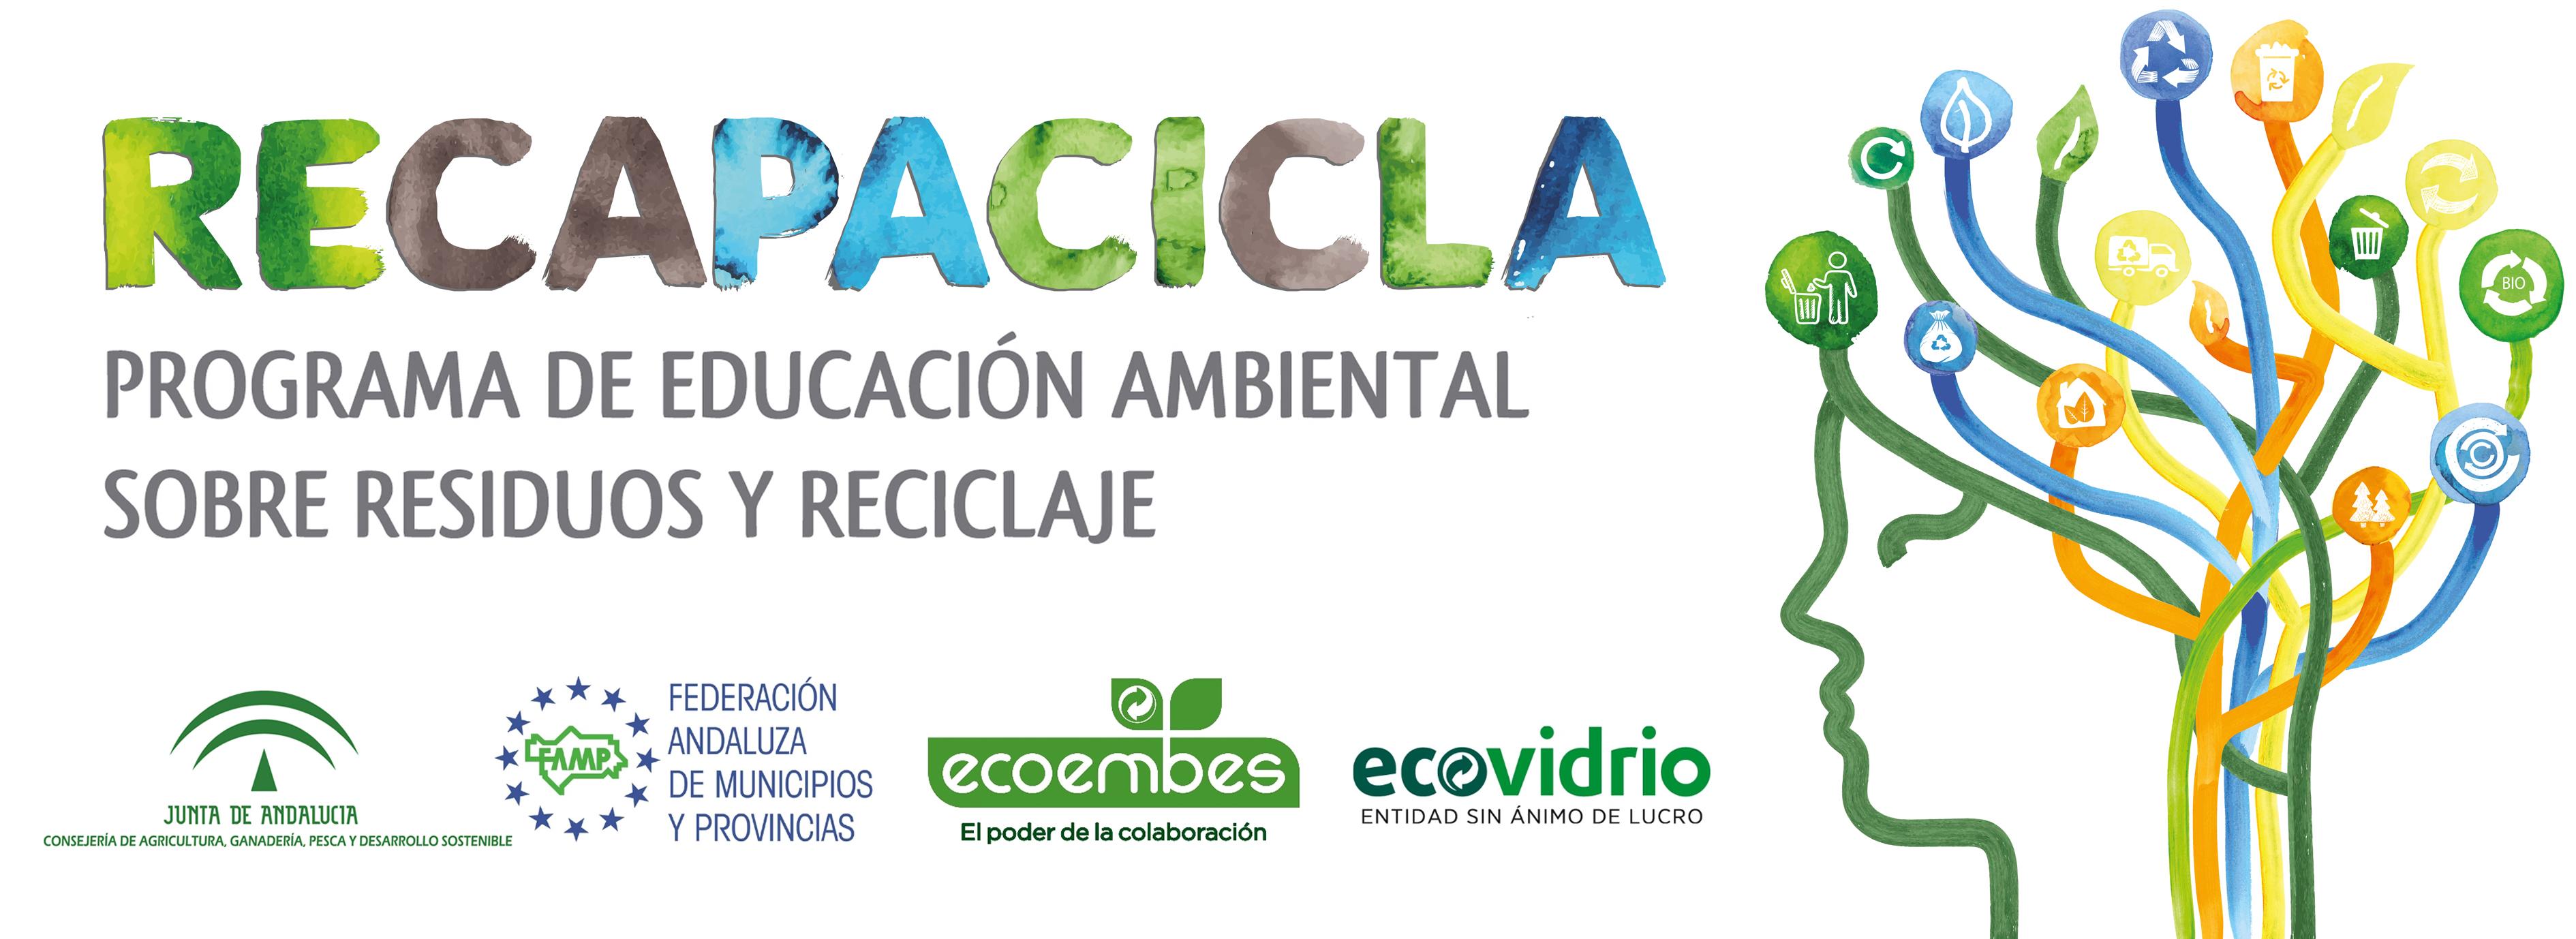 Curso RECAPACICLA Universidad de Málaga 2019-20